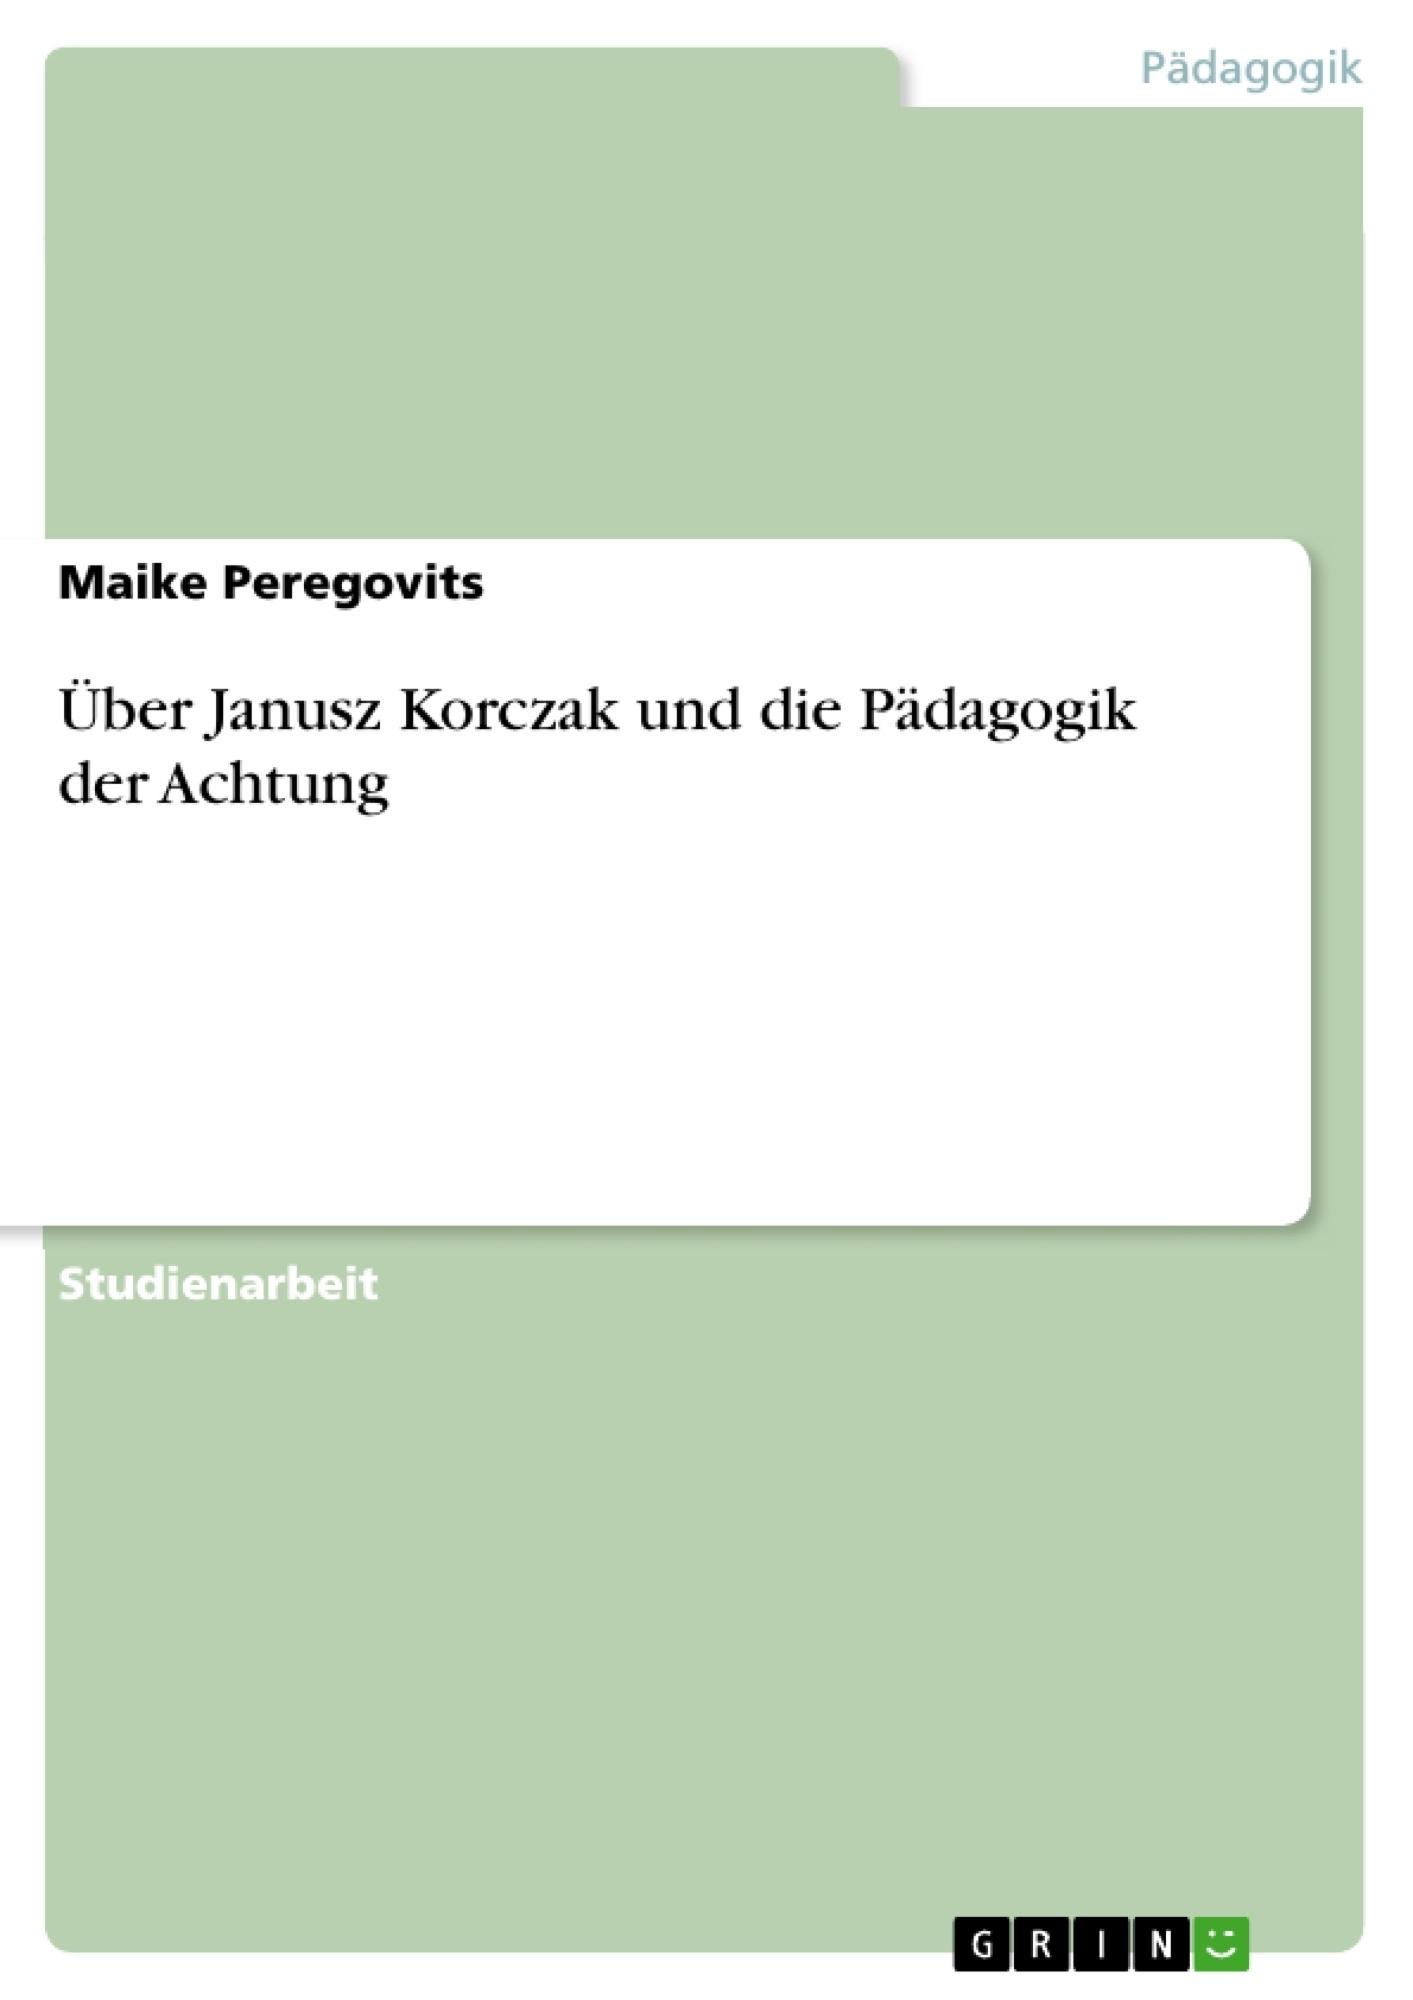 Titel: Über Janusz Korczak und die Pädagogik der Achtung